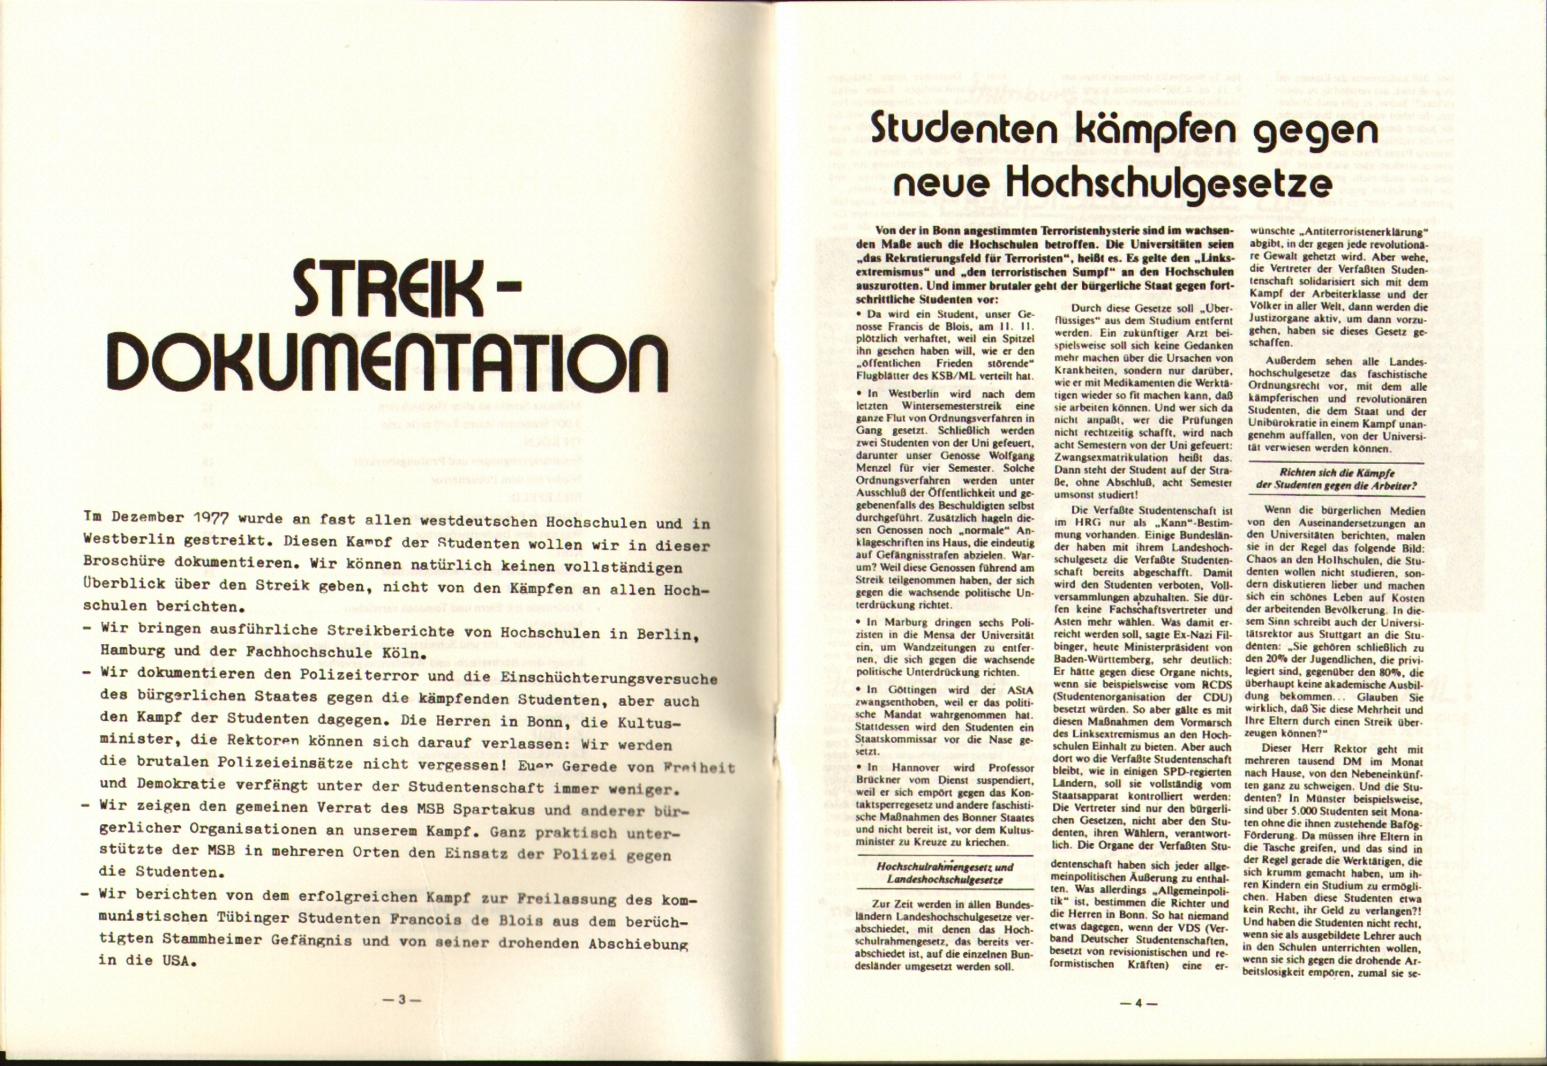 KSBML_1978_Streikdokumentation_WS_77_78_03